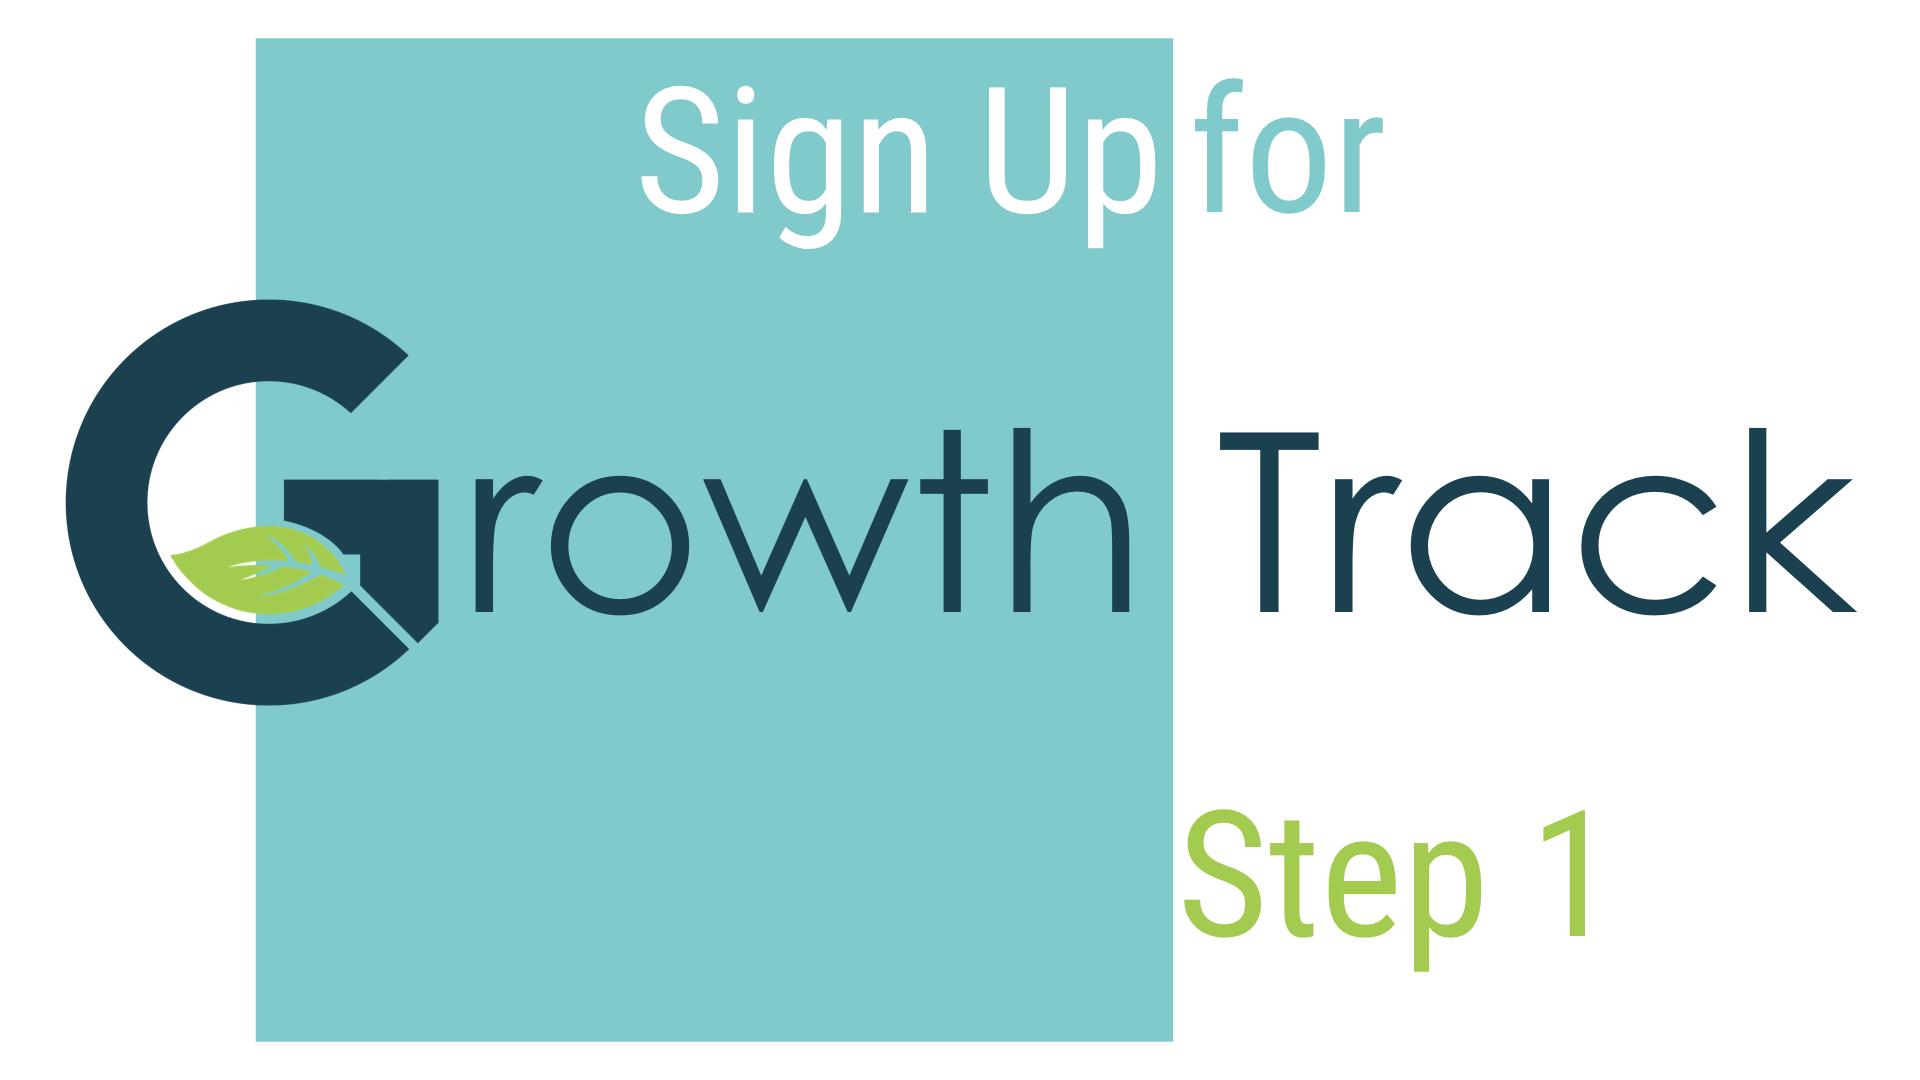 Growth track slides jpeg   step 1 sign up